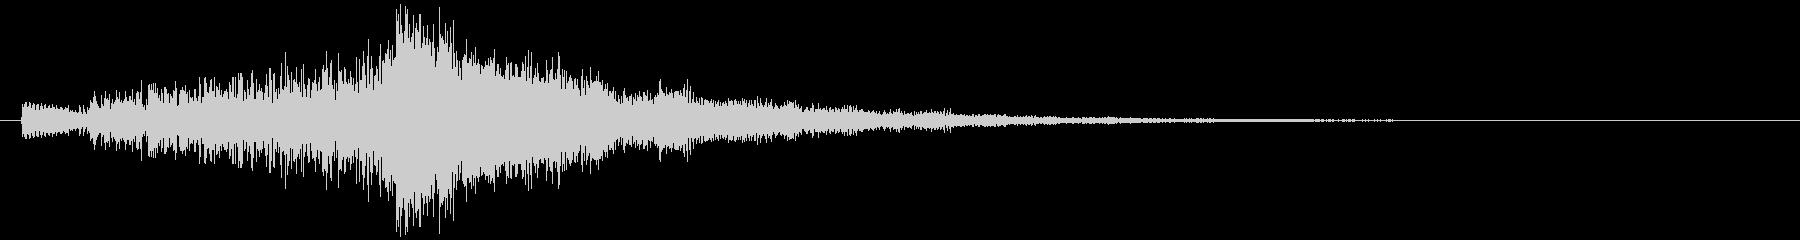 トゥルル キラーン!なアタック音1の未再生の波形